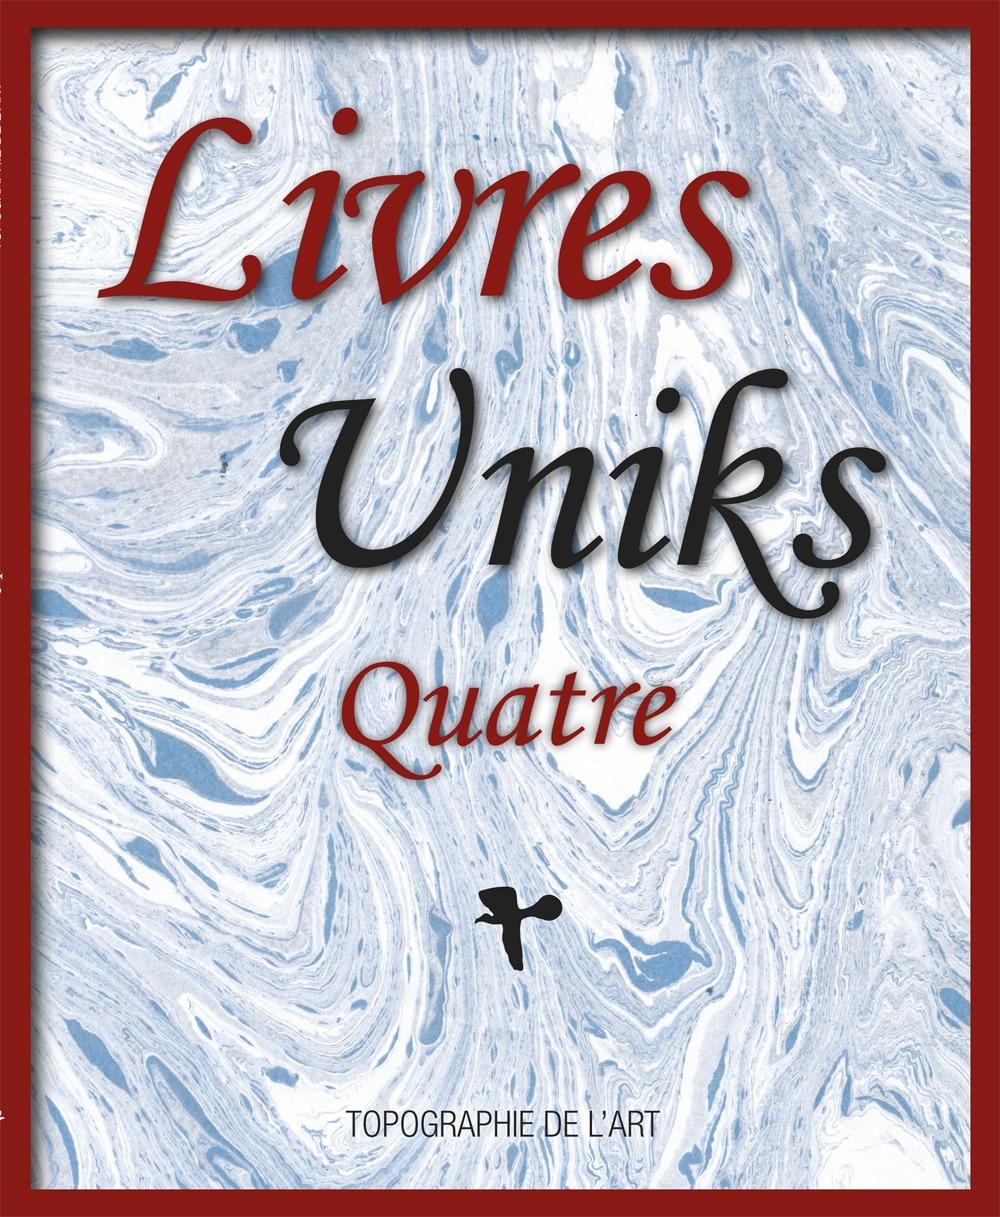 Livres Uniks 4